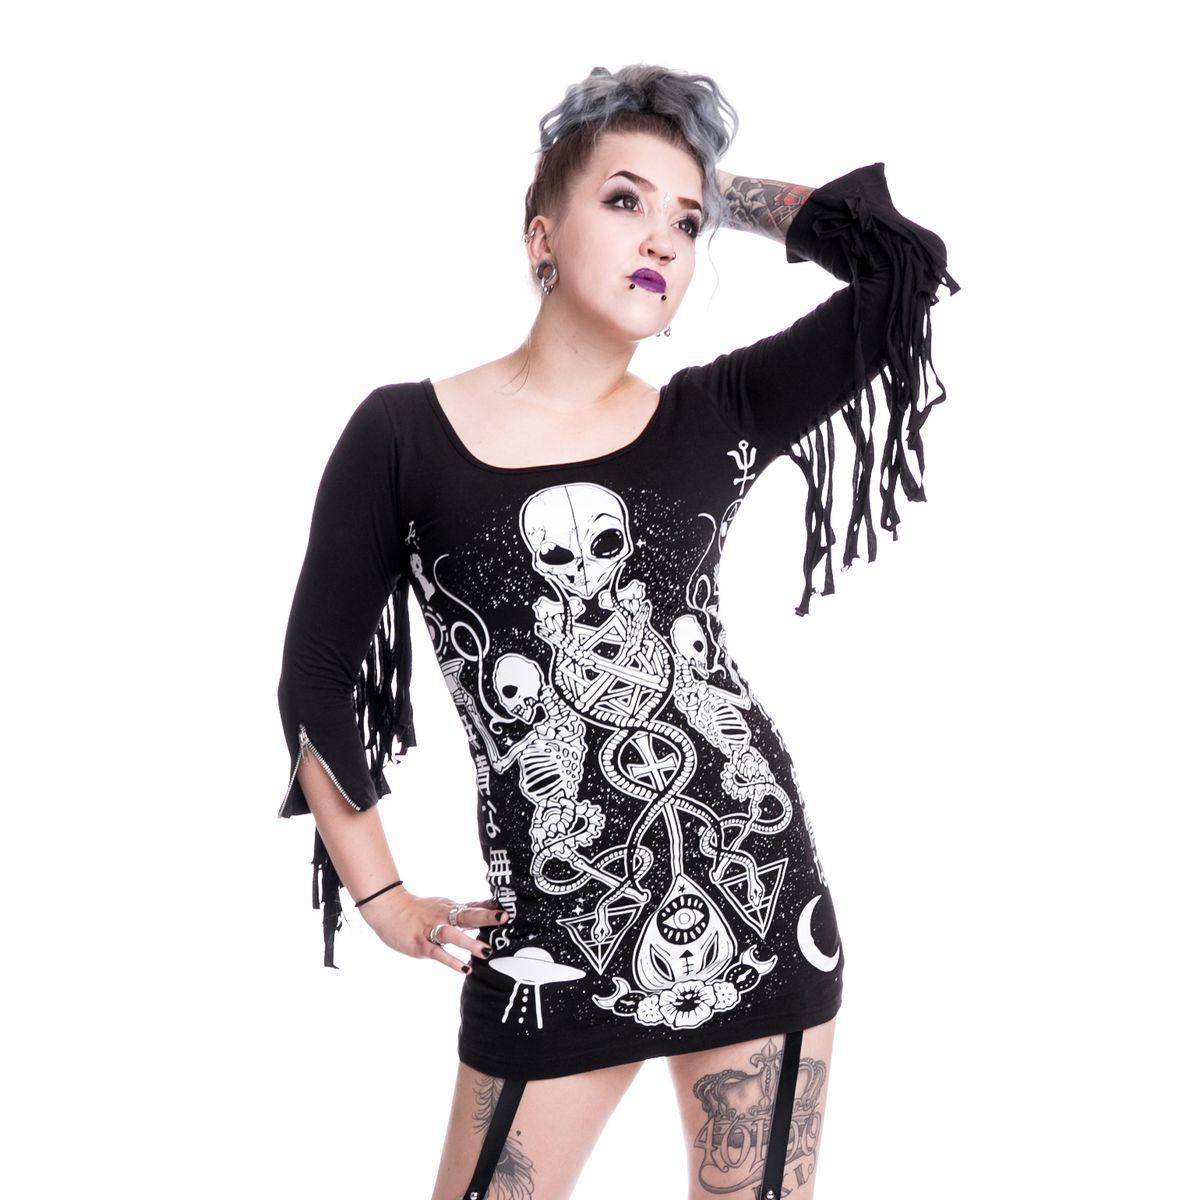 Alien Occult Dress